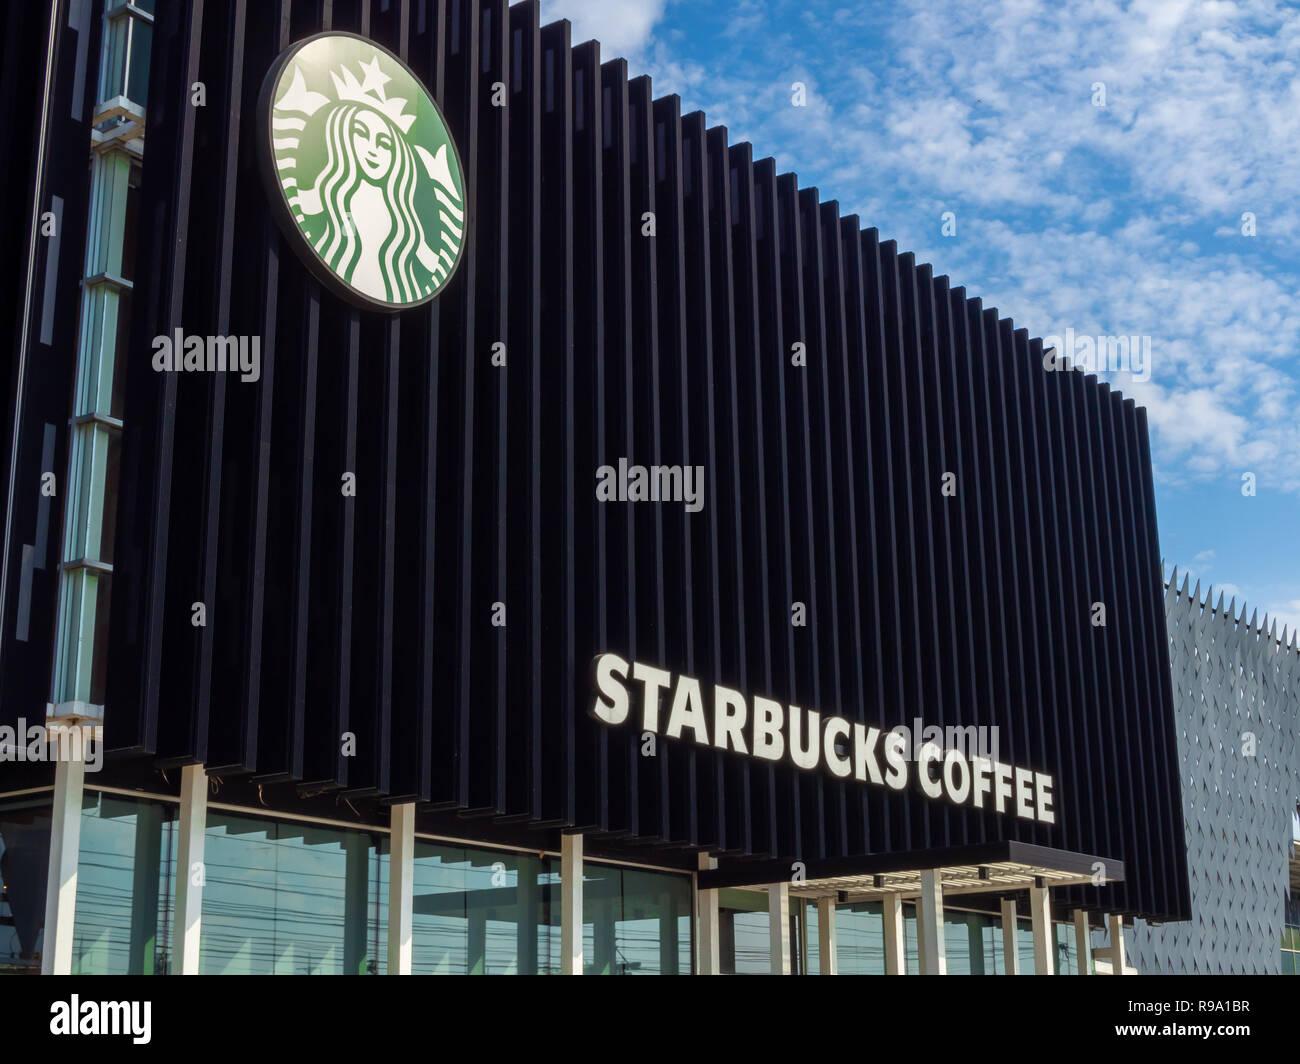 45d2d7c4c0b7 Starbucks Shop Outlet Stock Photos   Starbucks Shop Outlet Stock ...